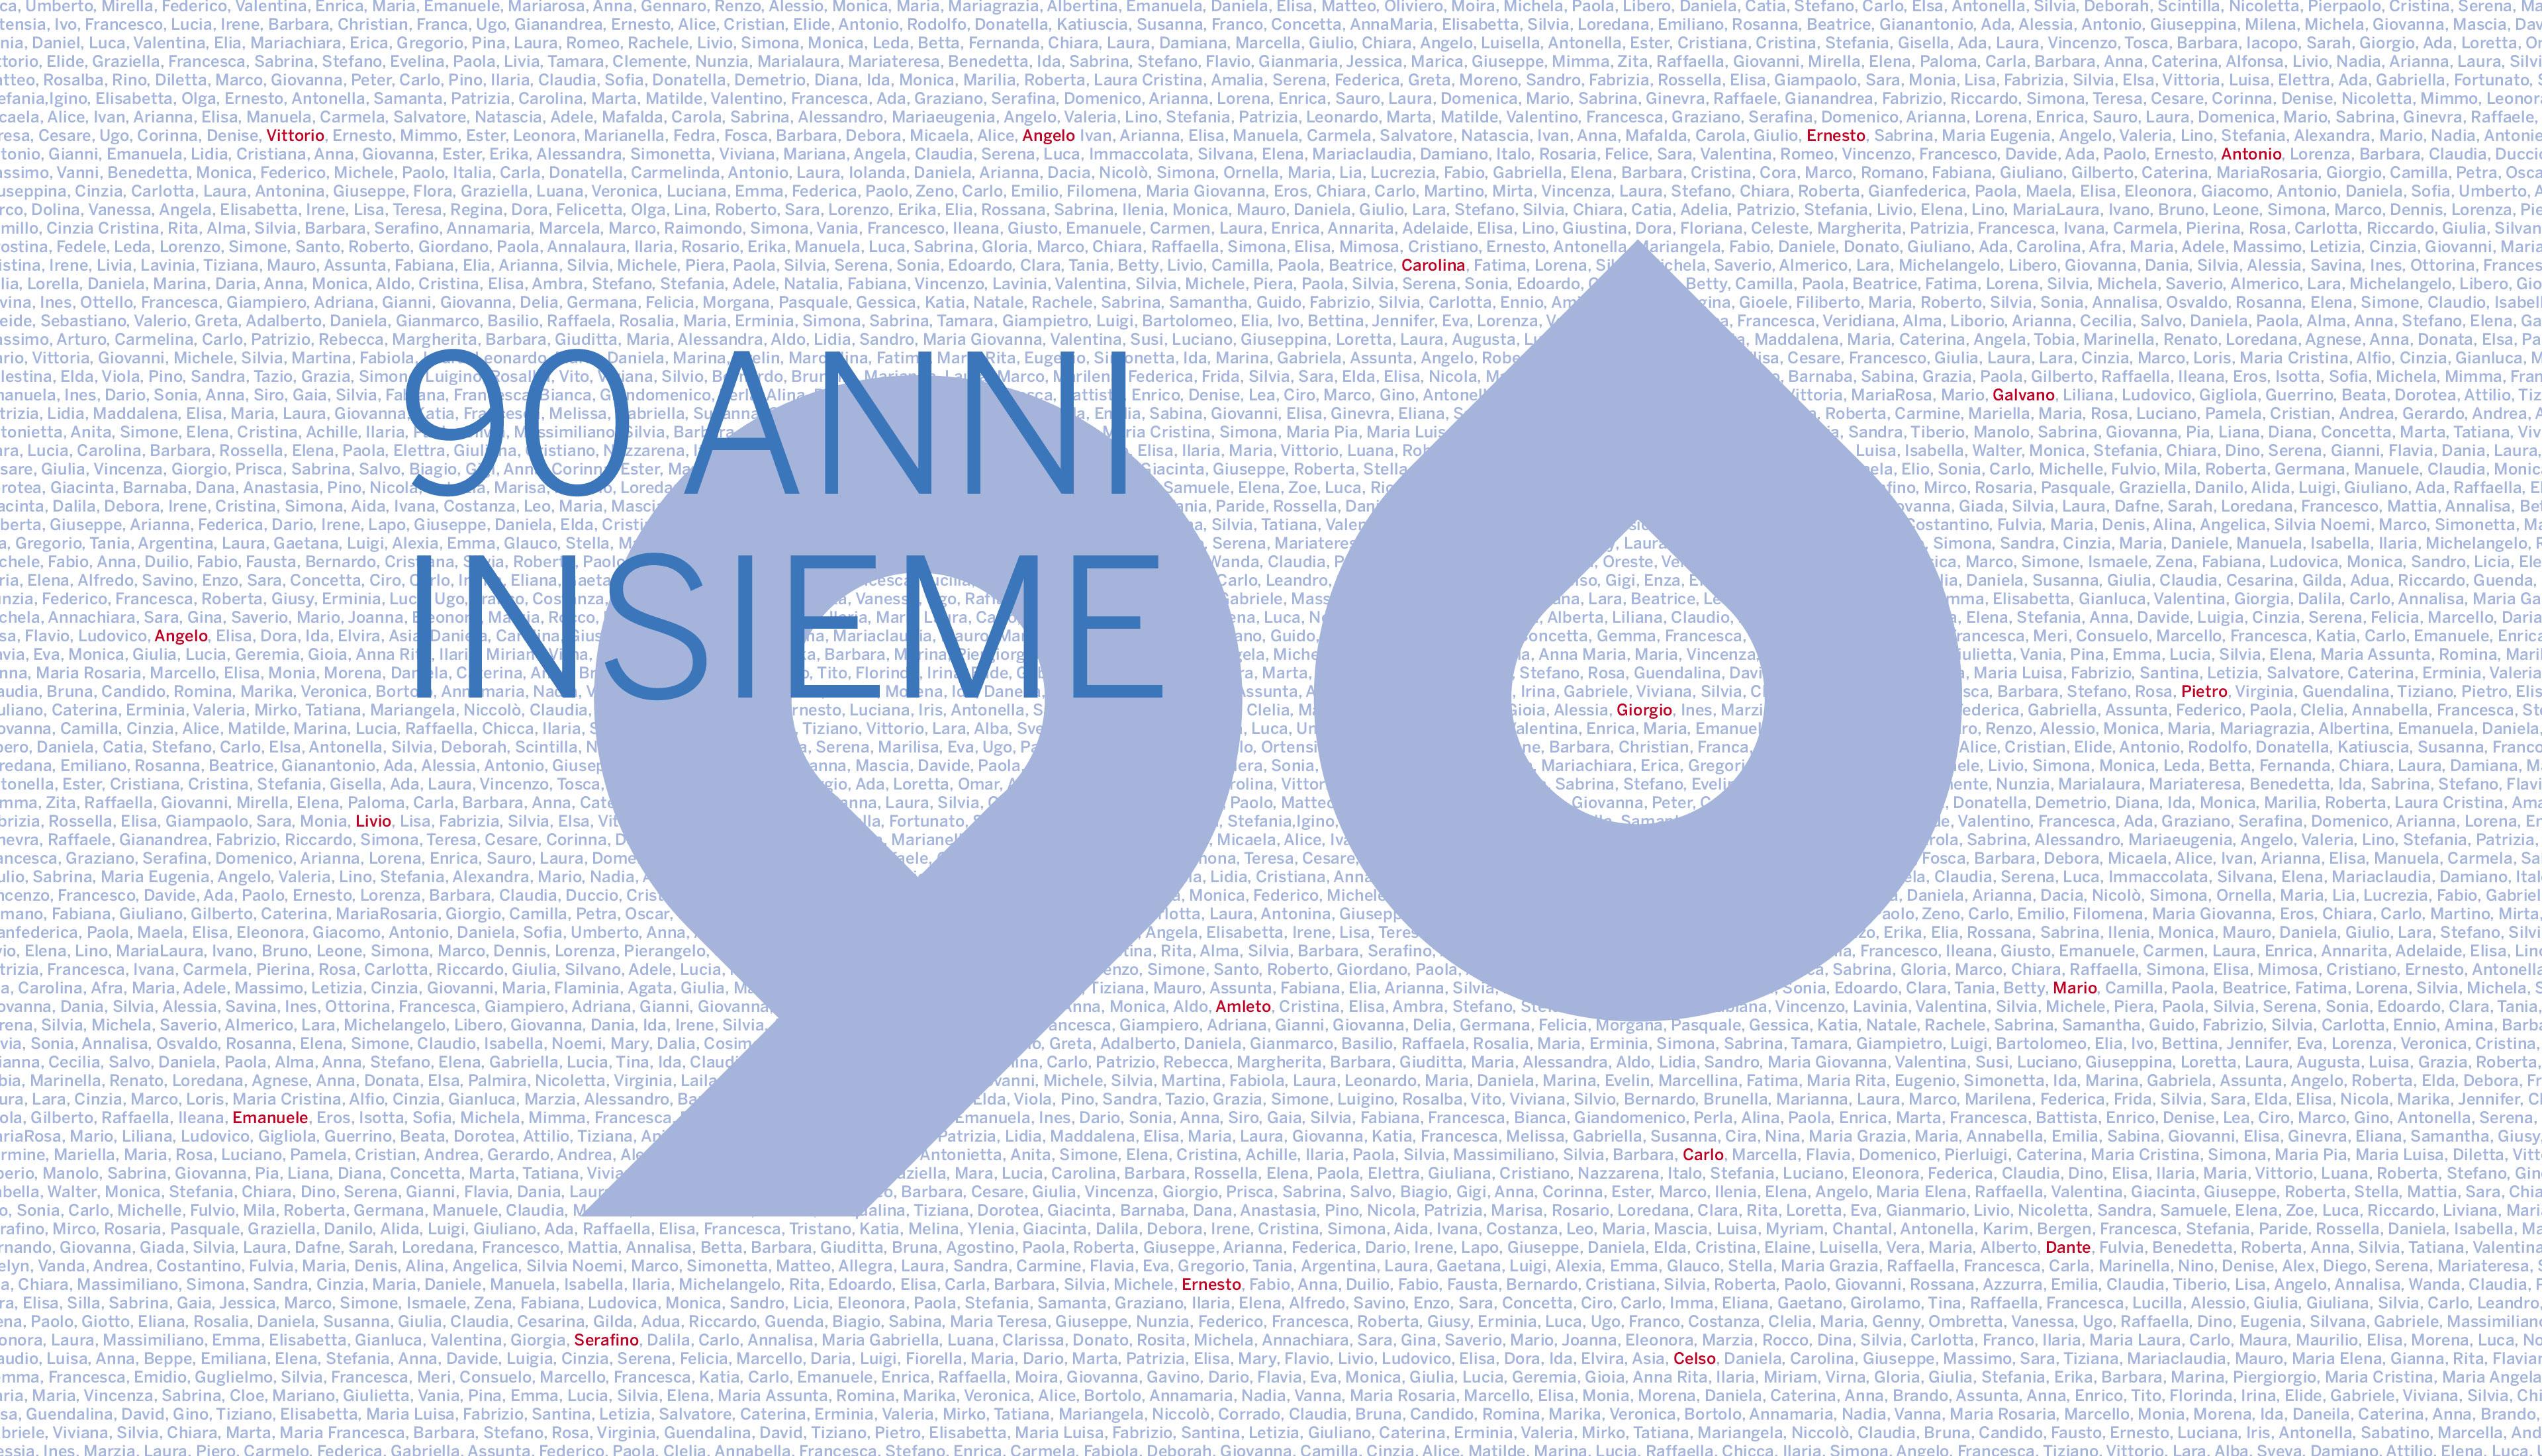 campagna 90 anni insieme Avis